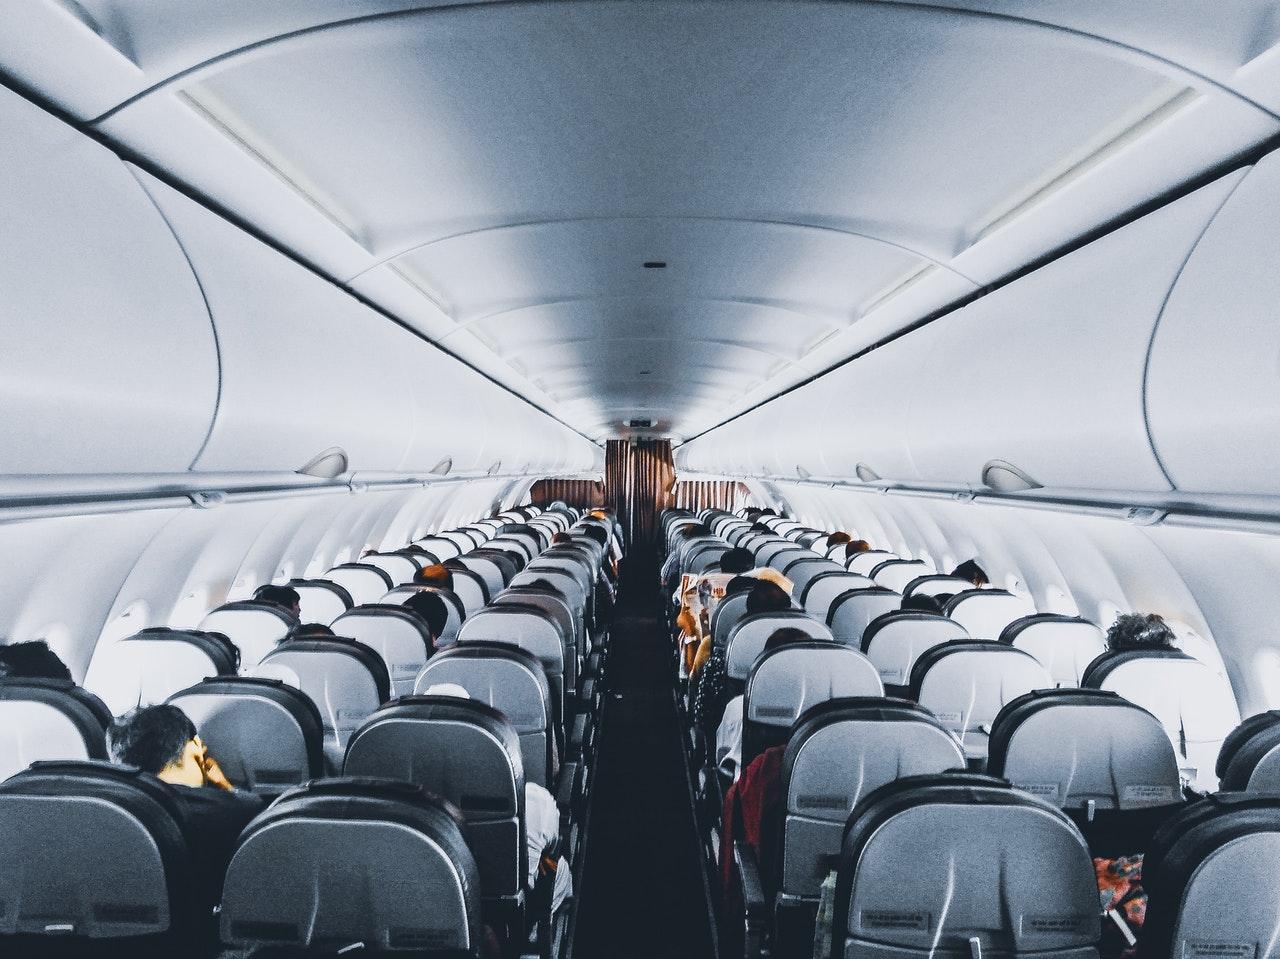 Plane interior - tourism